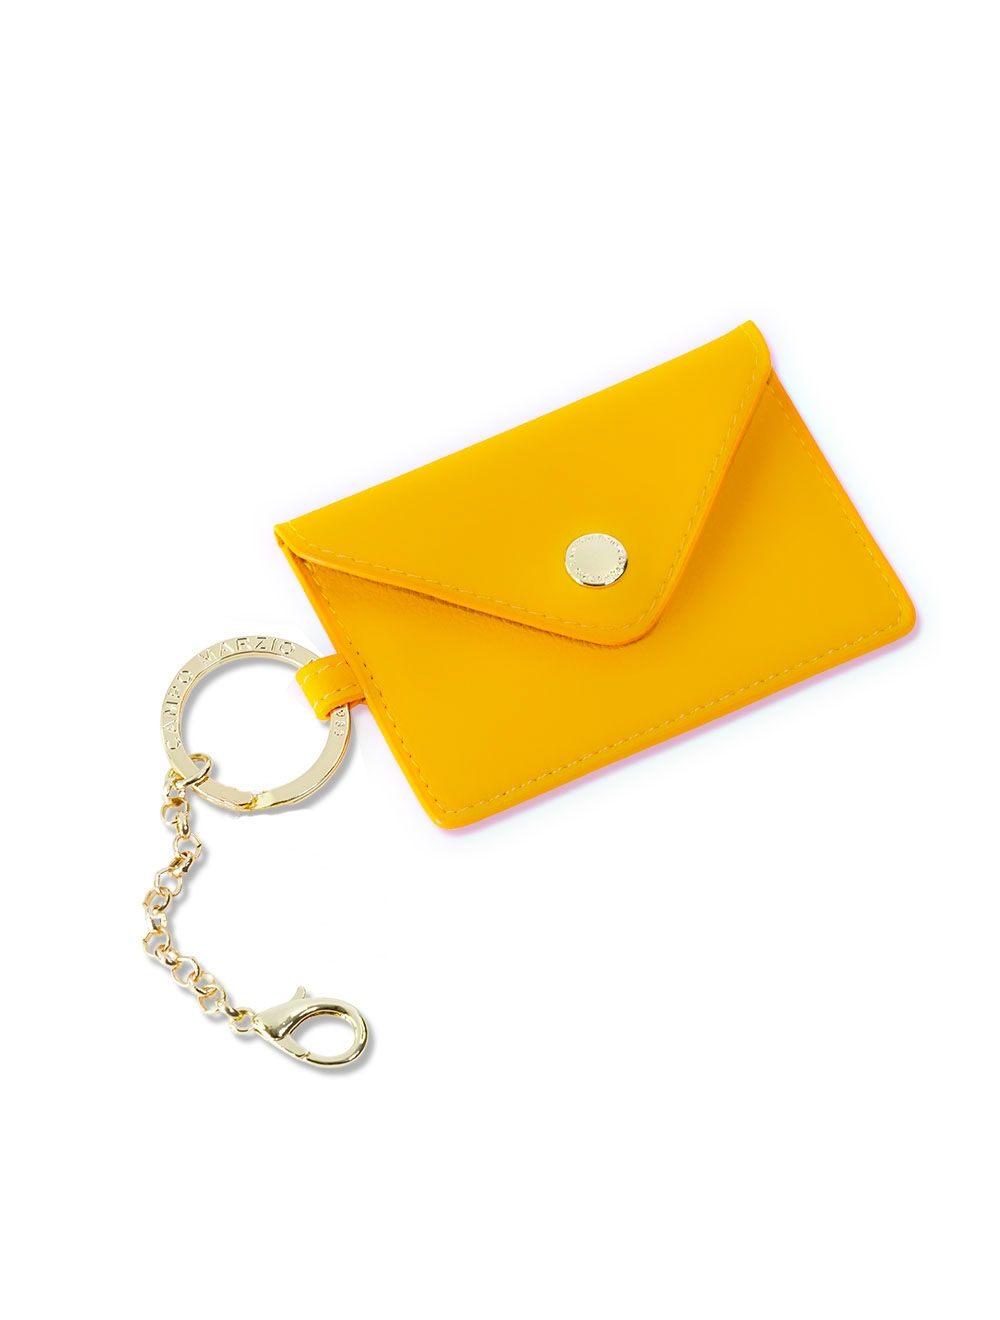 Lev Business Card Holder - Sulphur